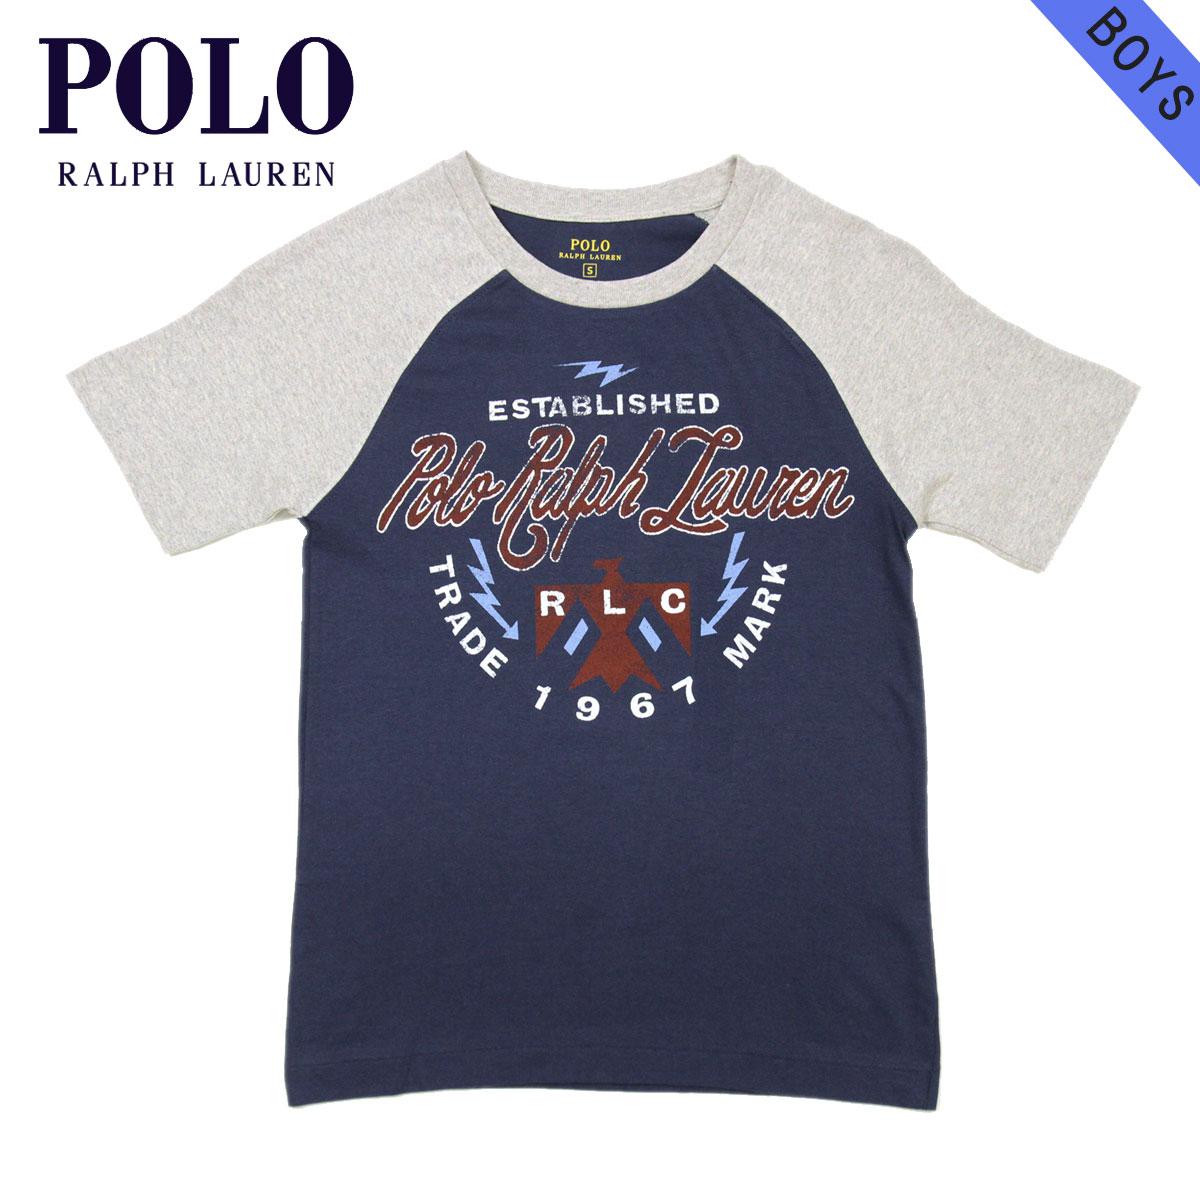 ポロ ラルフローレン キッズ Tシャツ 子供服 正規品 POLO RALPH LAUREN CHILDREN 半袖Tシャツ COTTON GRAPHIC S/S CREW TEE 323607924001